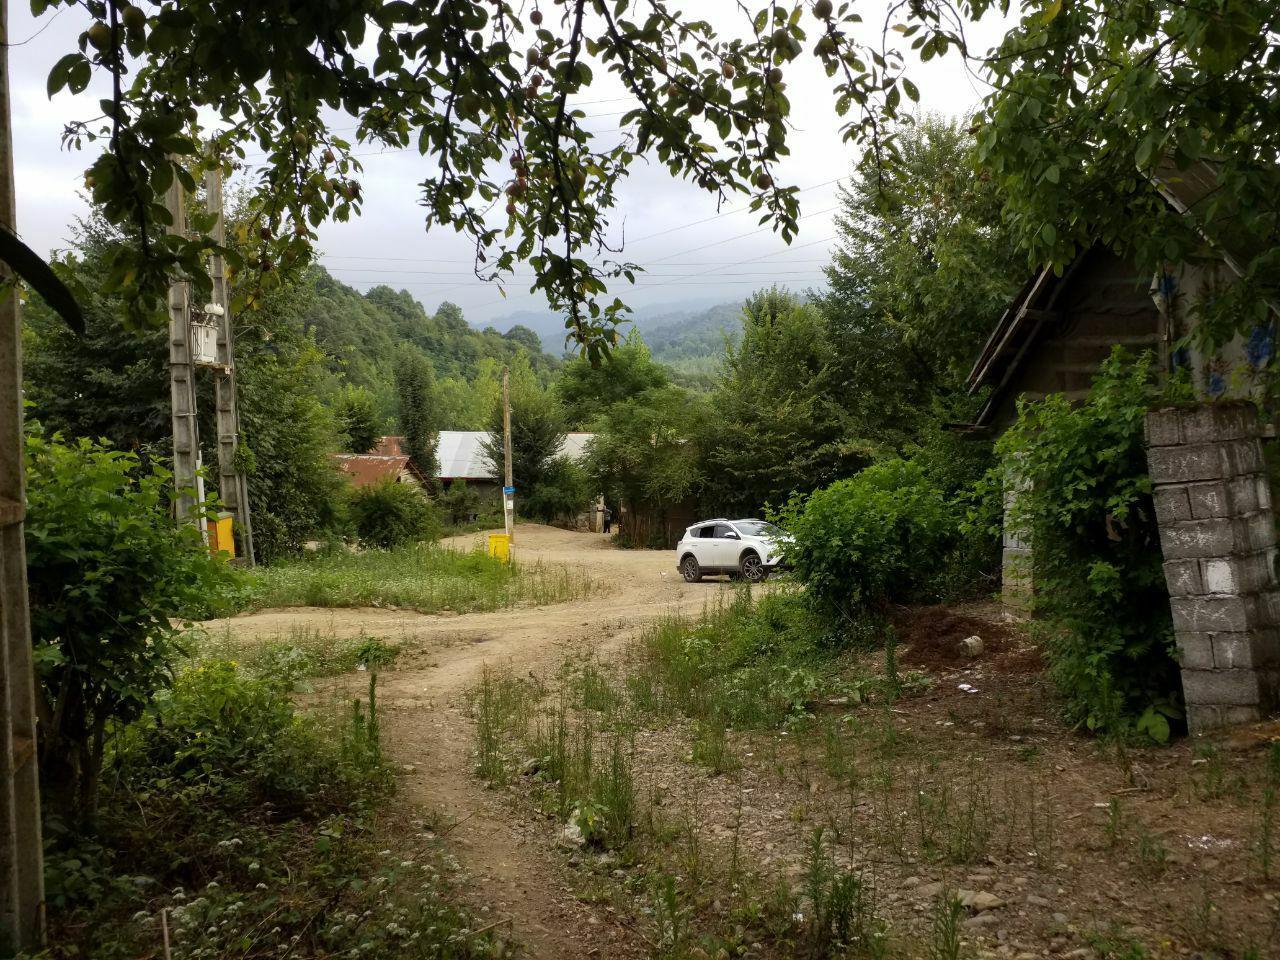 فروش خانه روستایی جنگلی کوهستانی لاهیجان